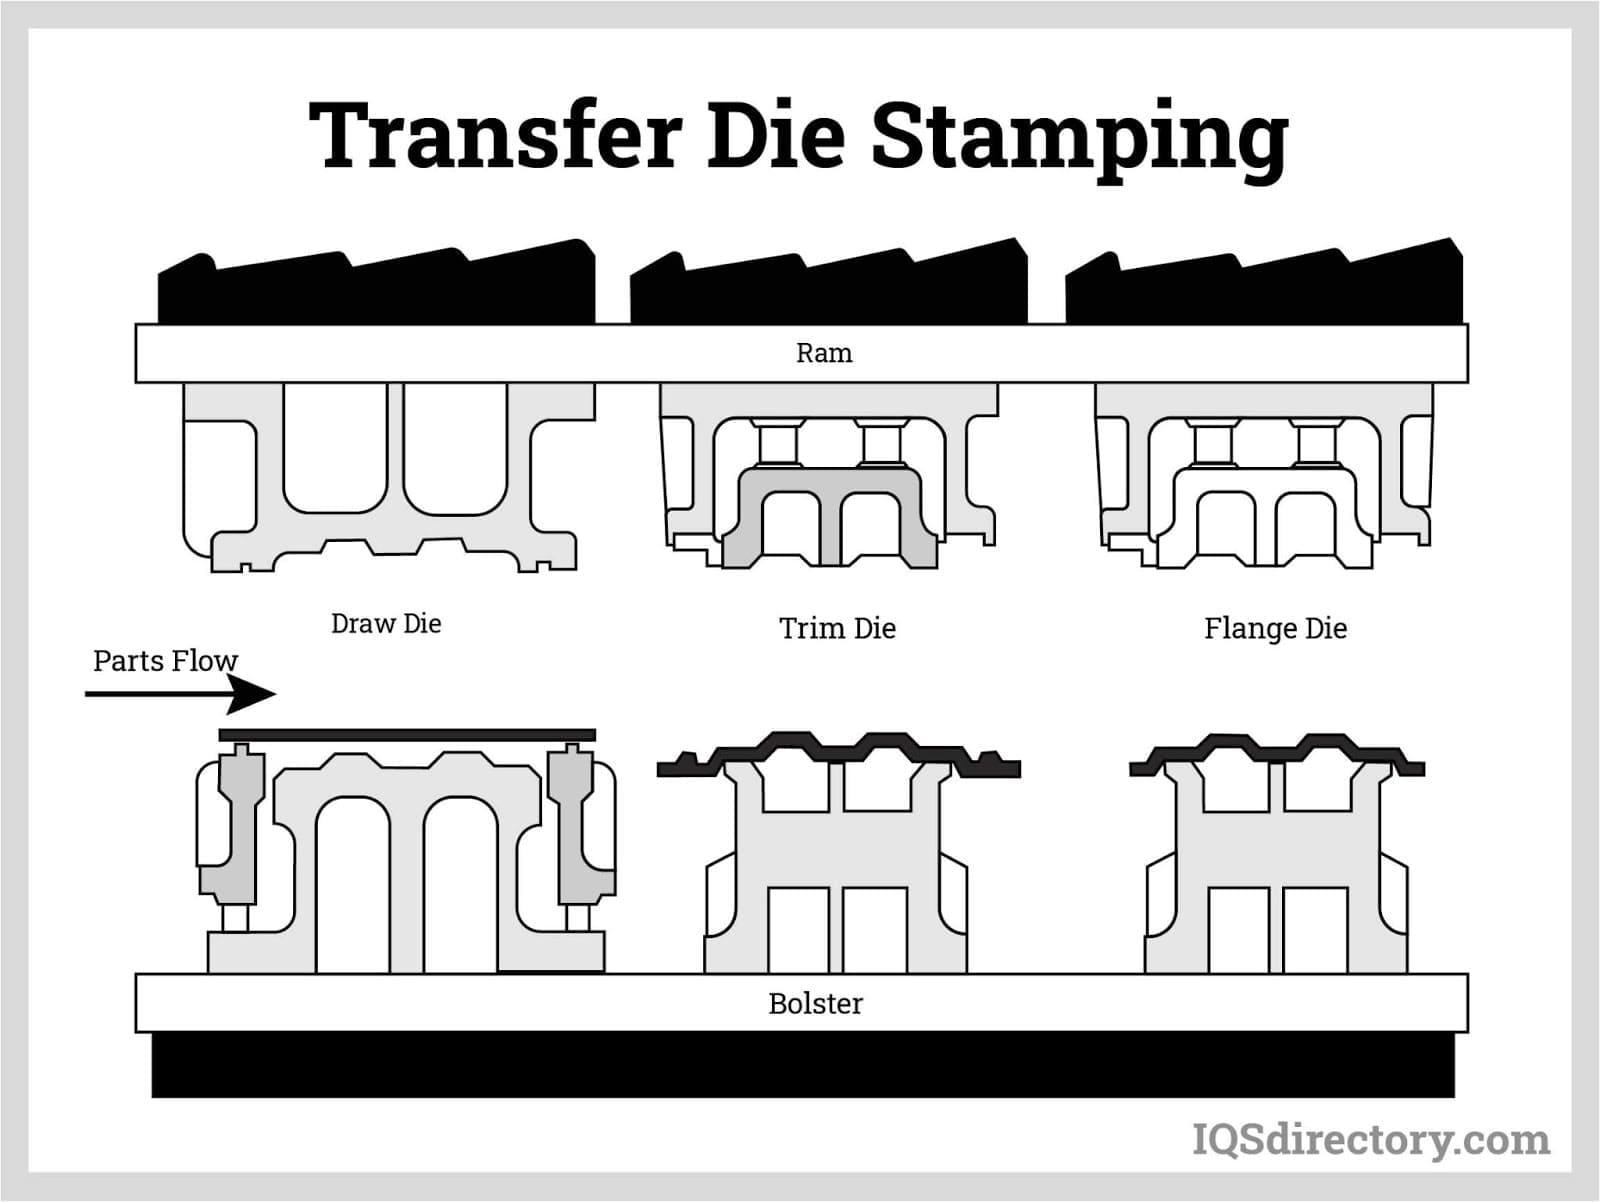 Transfer Die Stamping